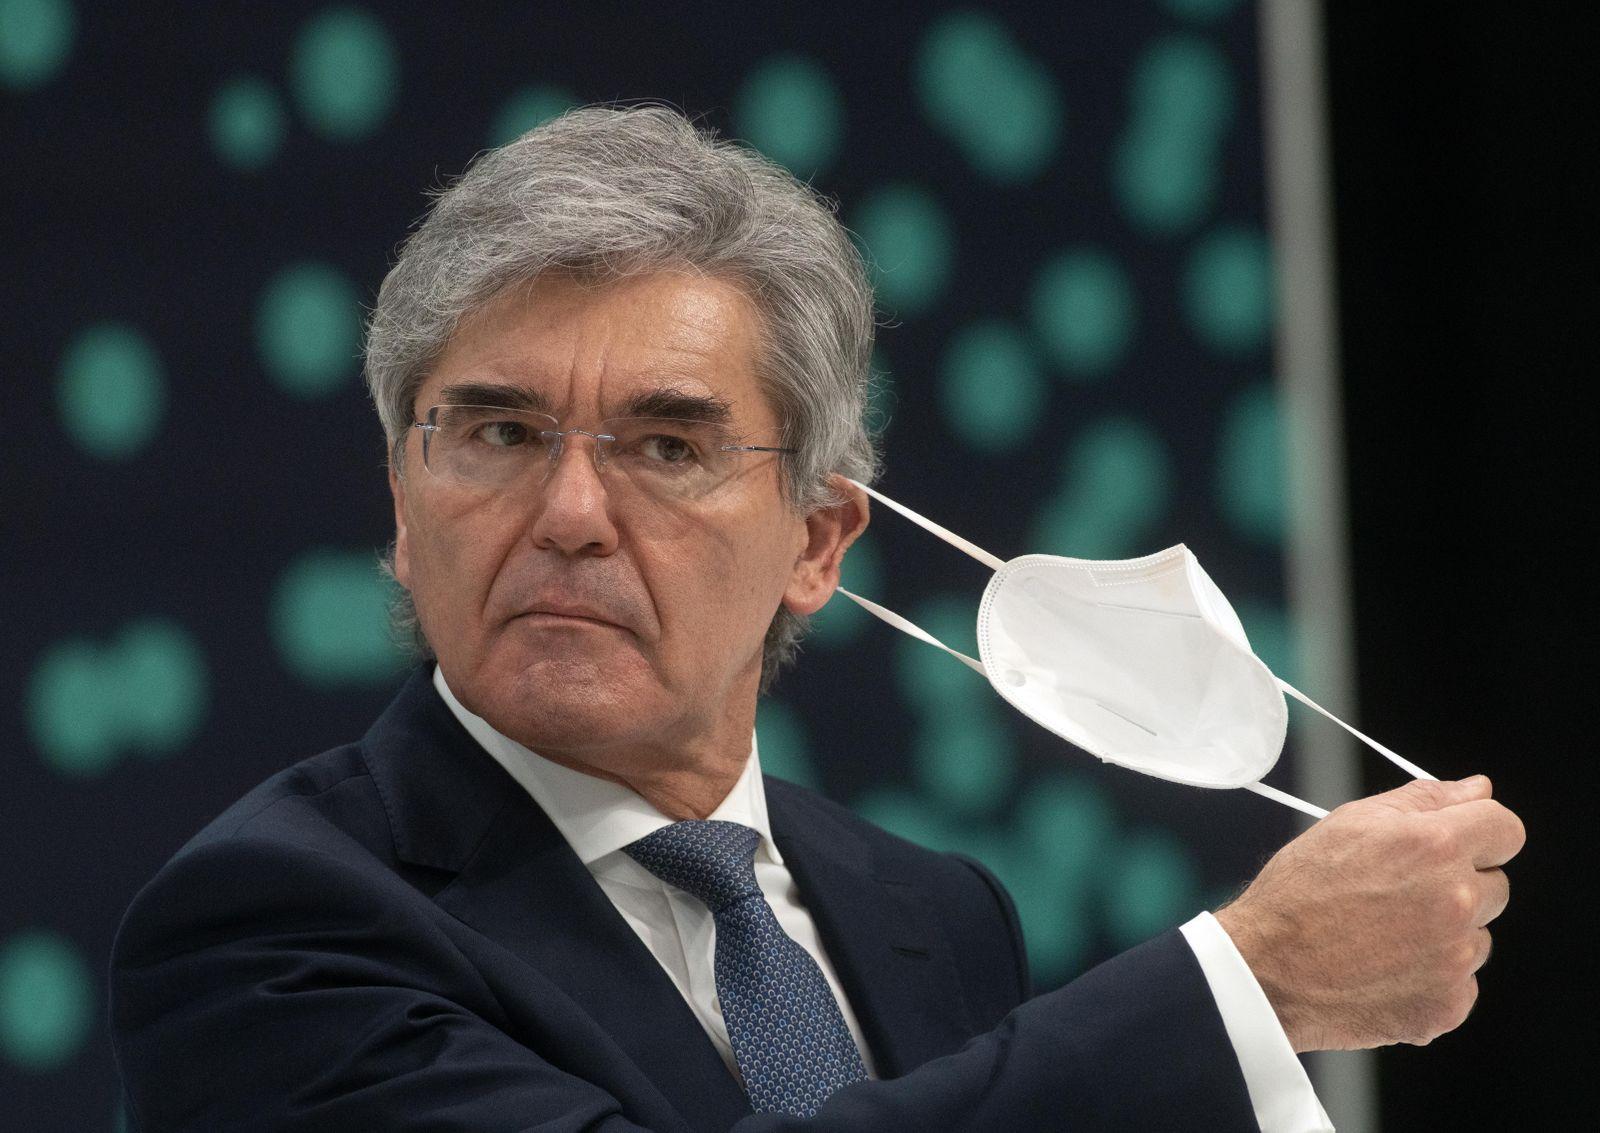 Siemens Holds Virtual General Shareholders Meeting